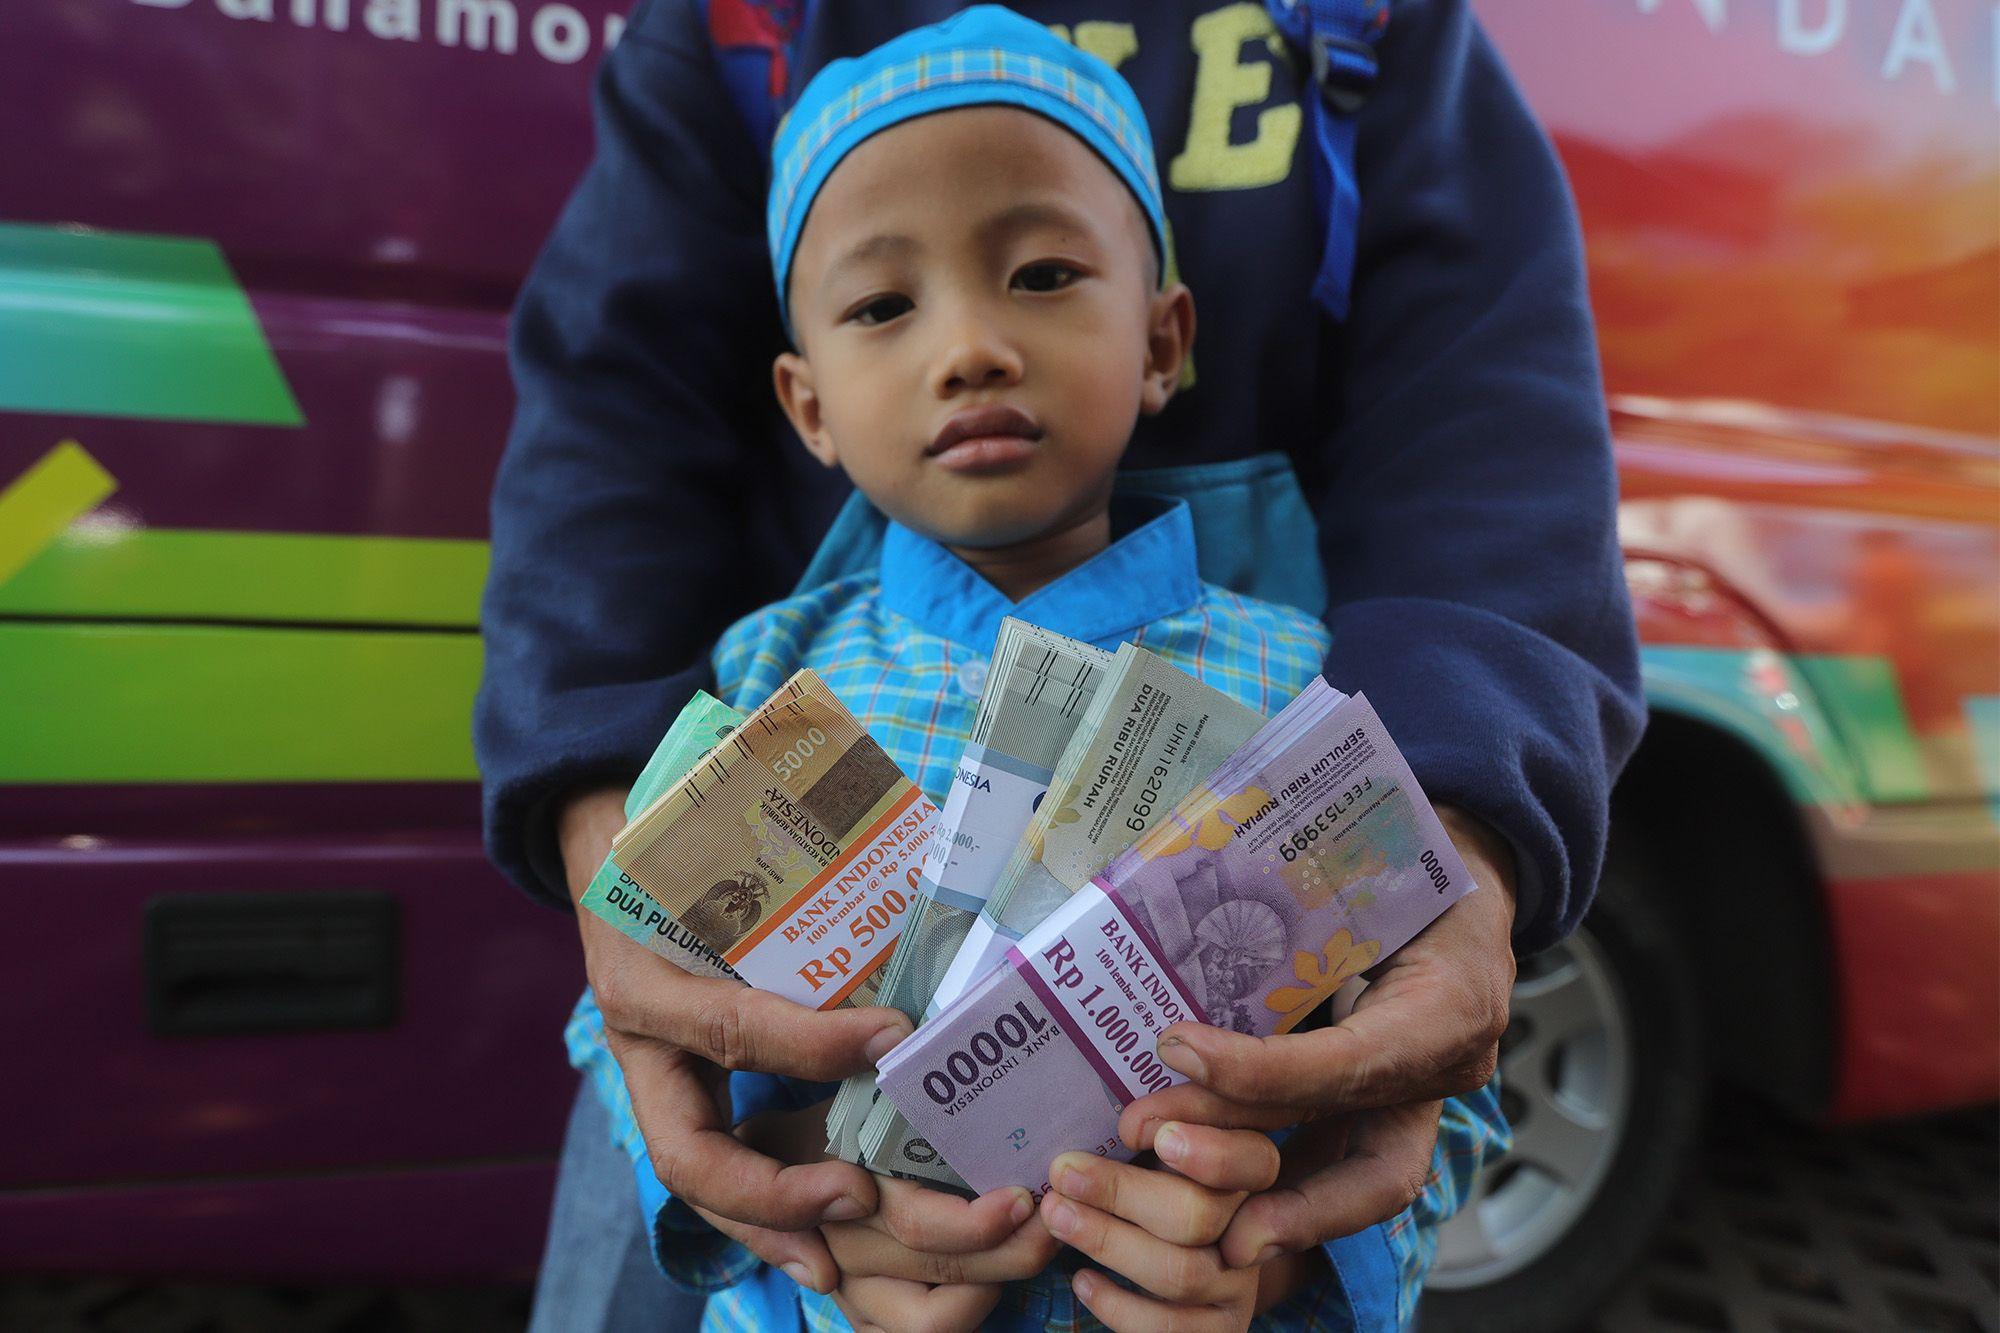 Udik-udikan, Cara Orang Jawa Bersedekah dengan Menghamburkan Uang